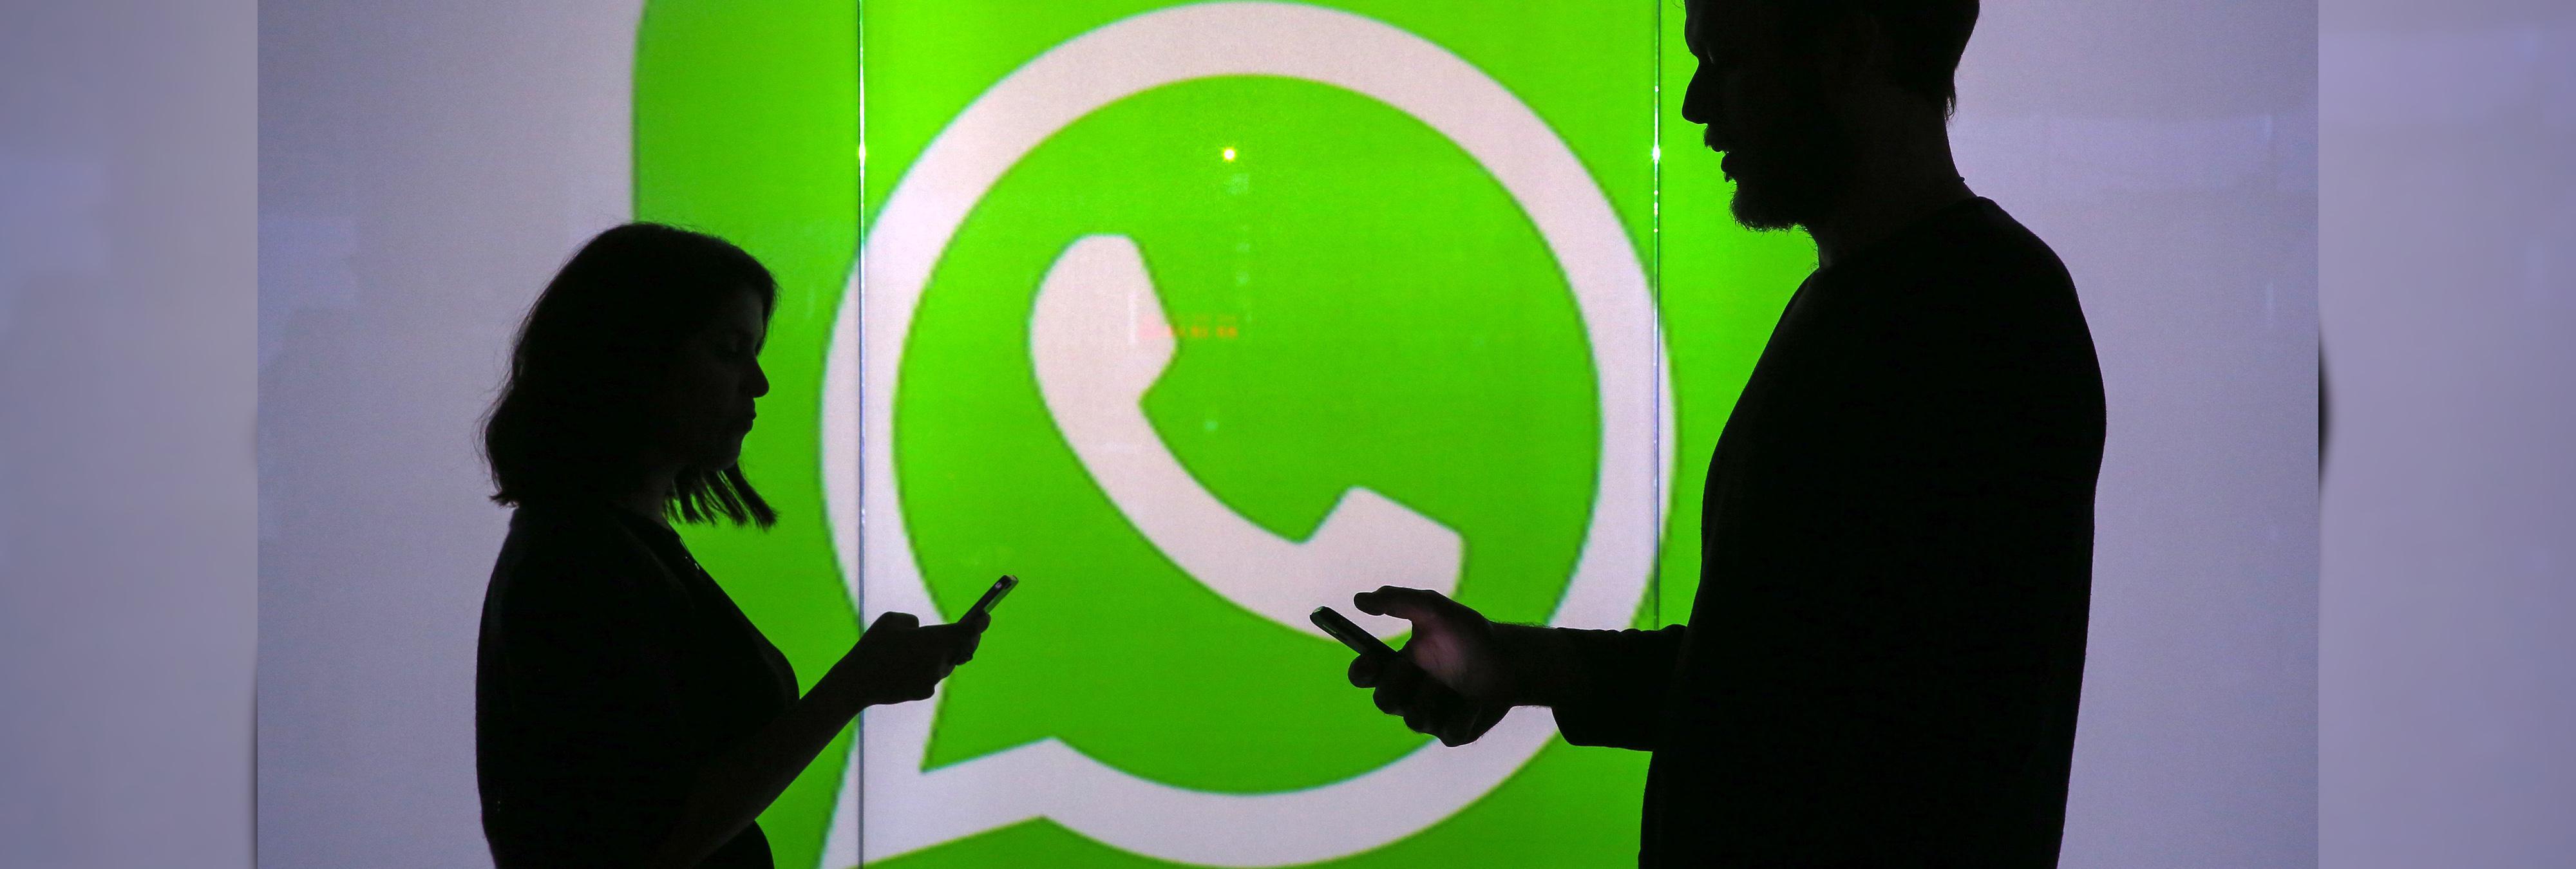 Estos son los pasos a seguir para recuperar tu antiguo estado de WhatsApp